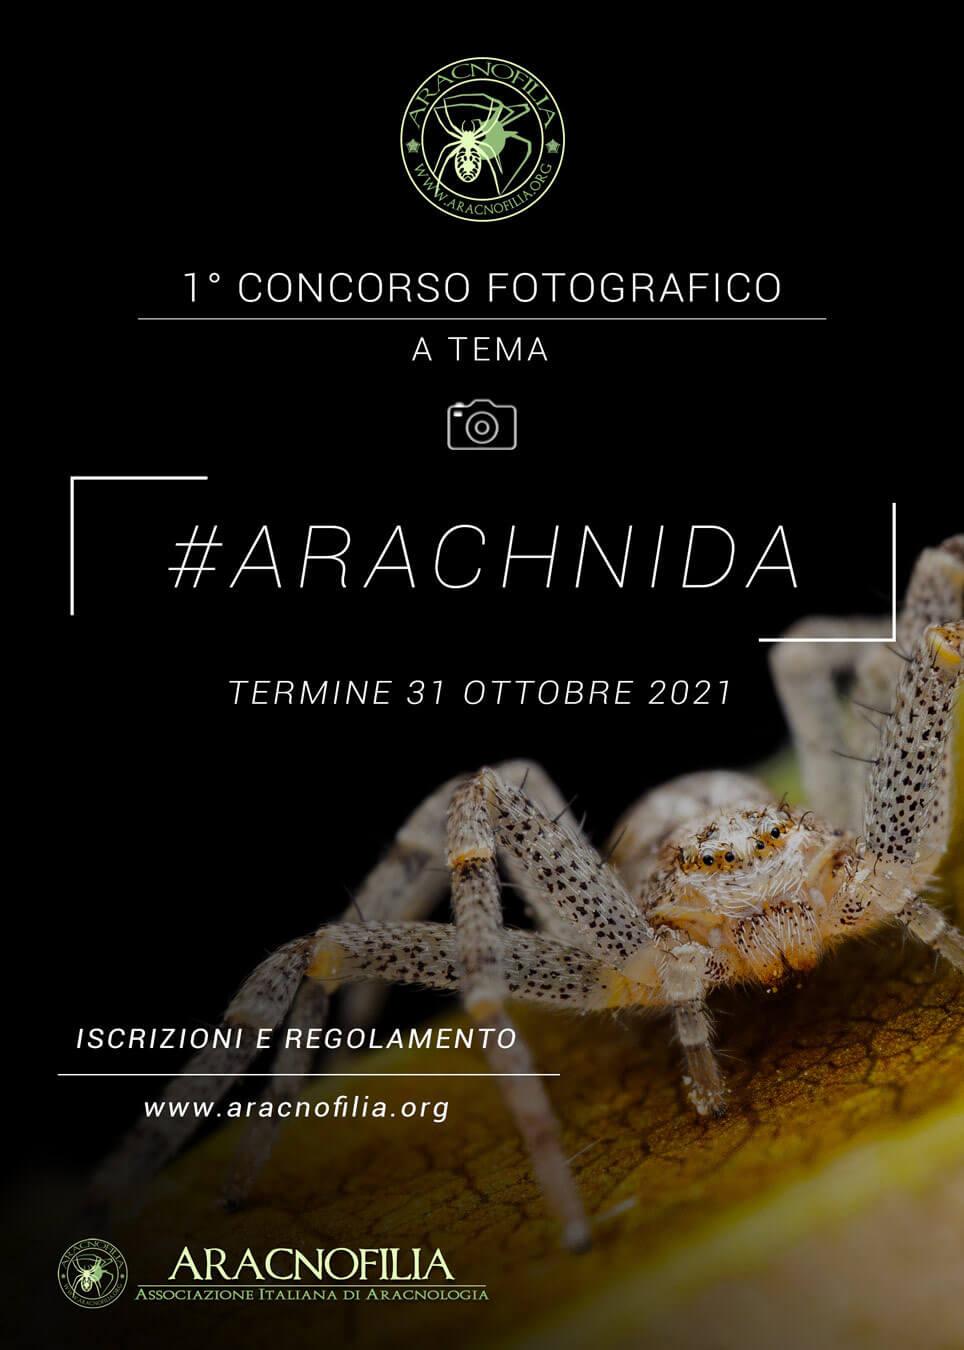 locandina concorso fotografico aracnofilia 2021